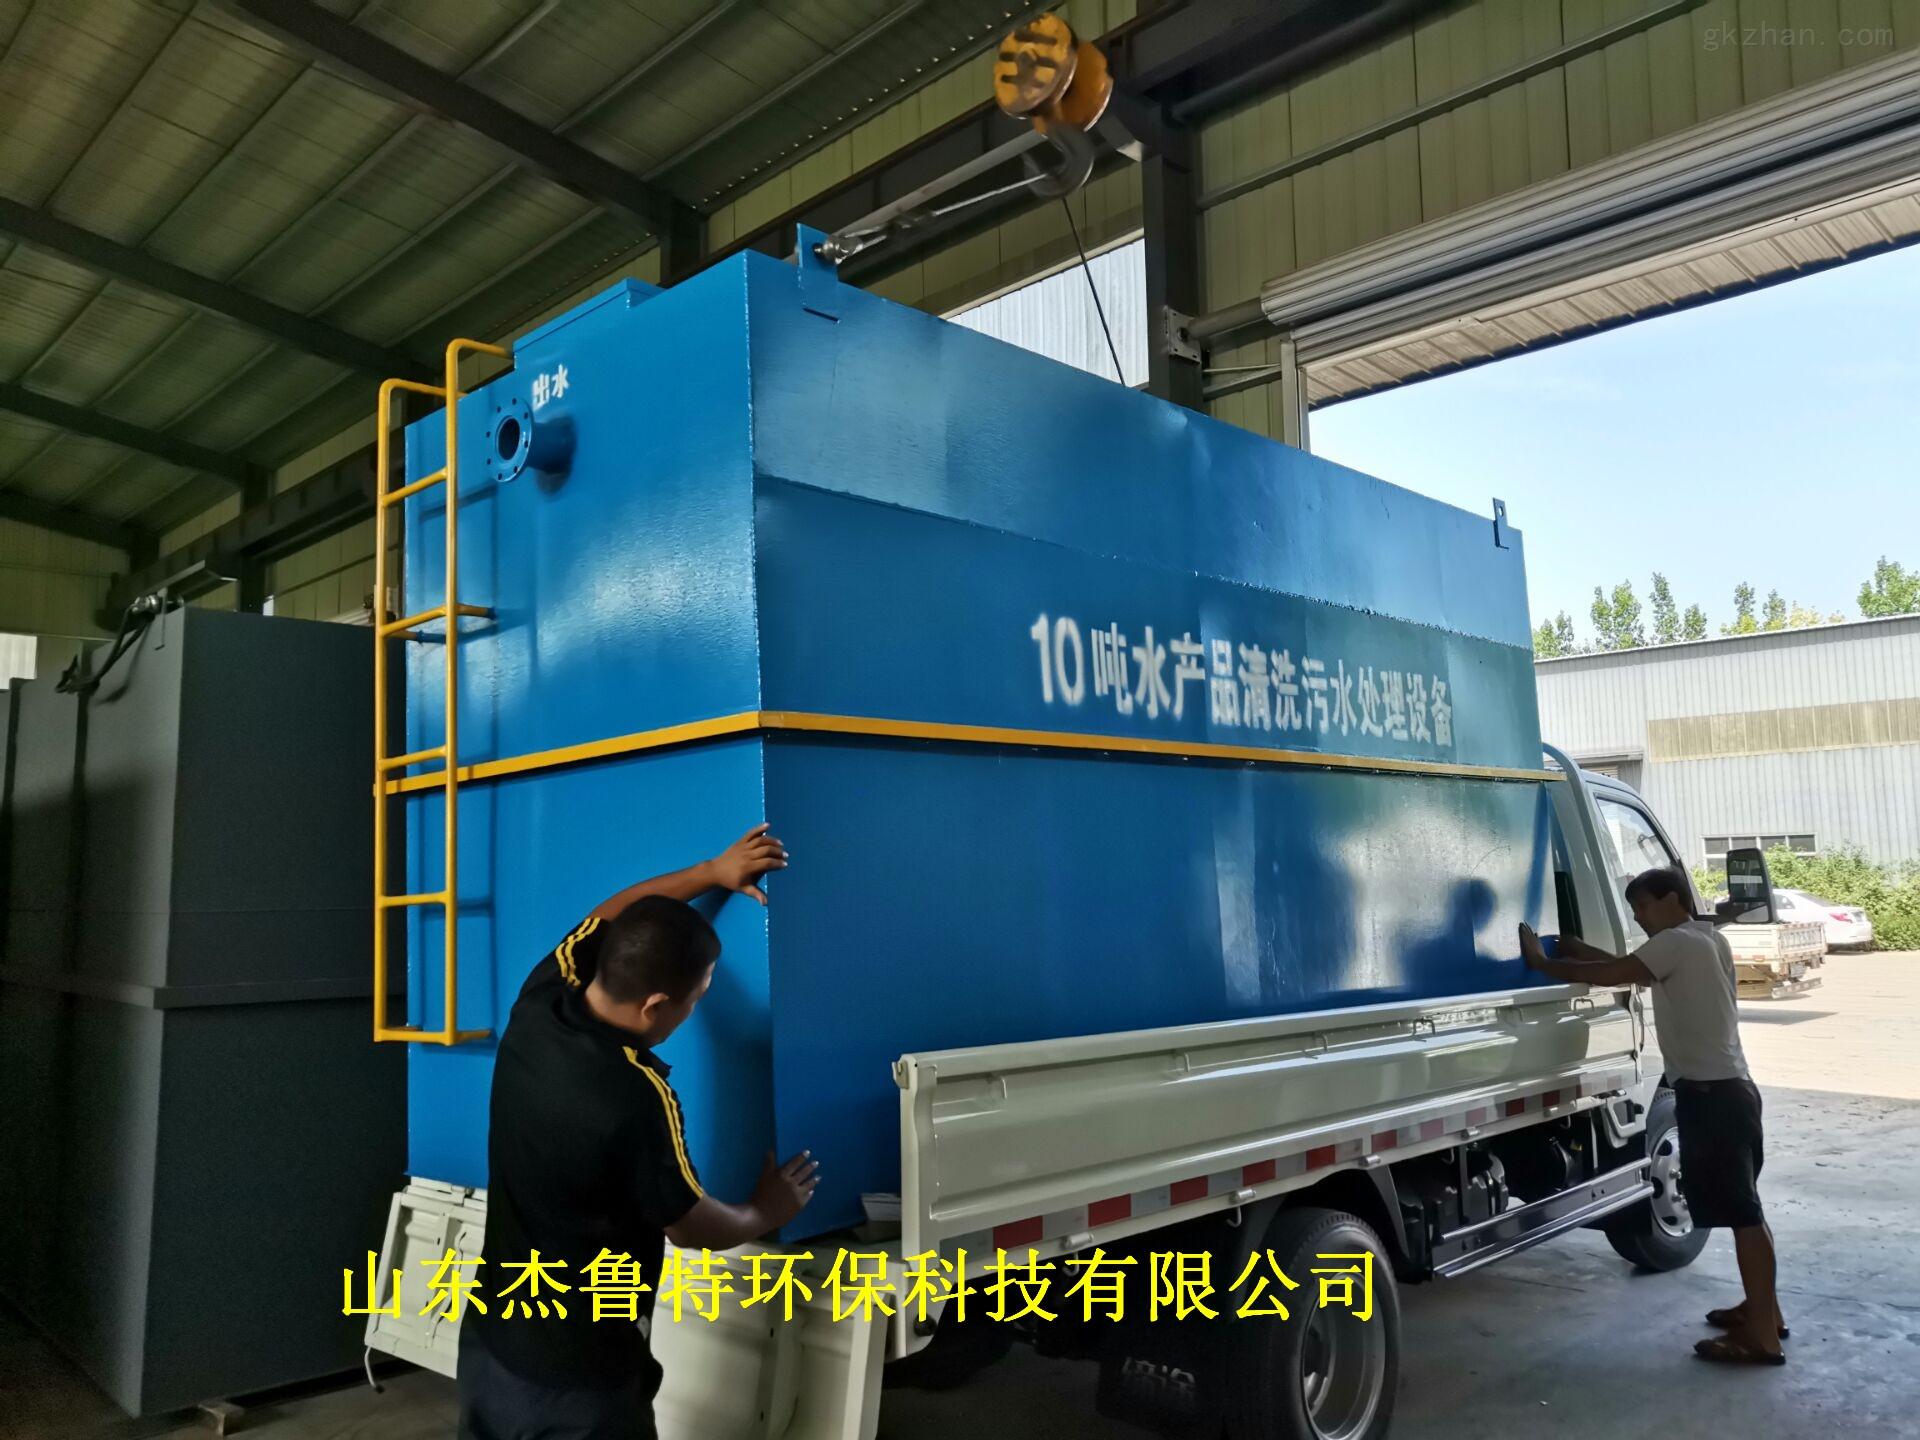 忻州宰猪厂一体化气浮机装置系统金牌服务